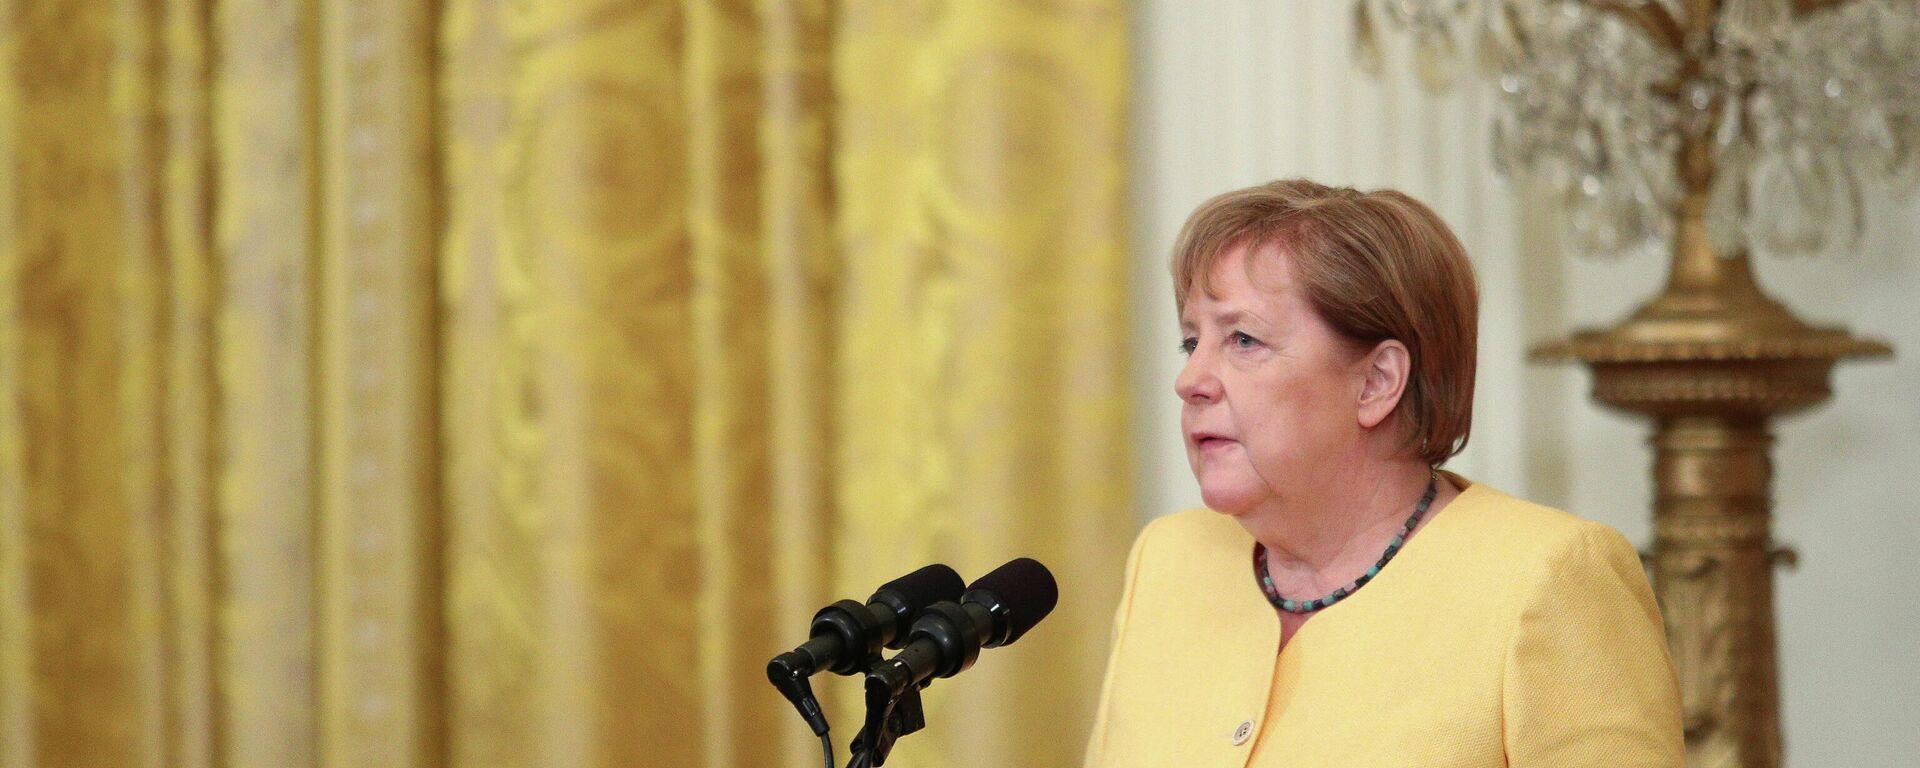 Bundeskanzlerin Angela Merkel - SNA, 1920, 18.07.2021